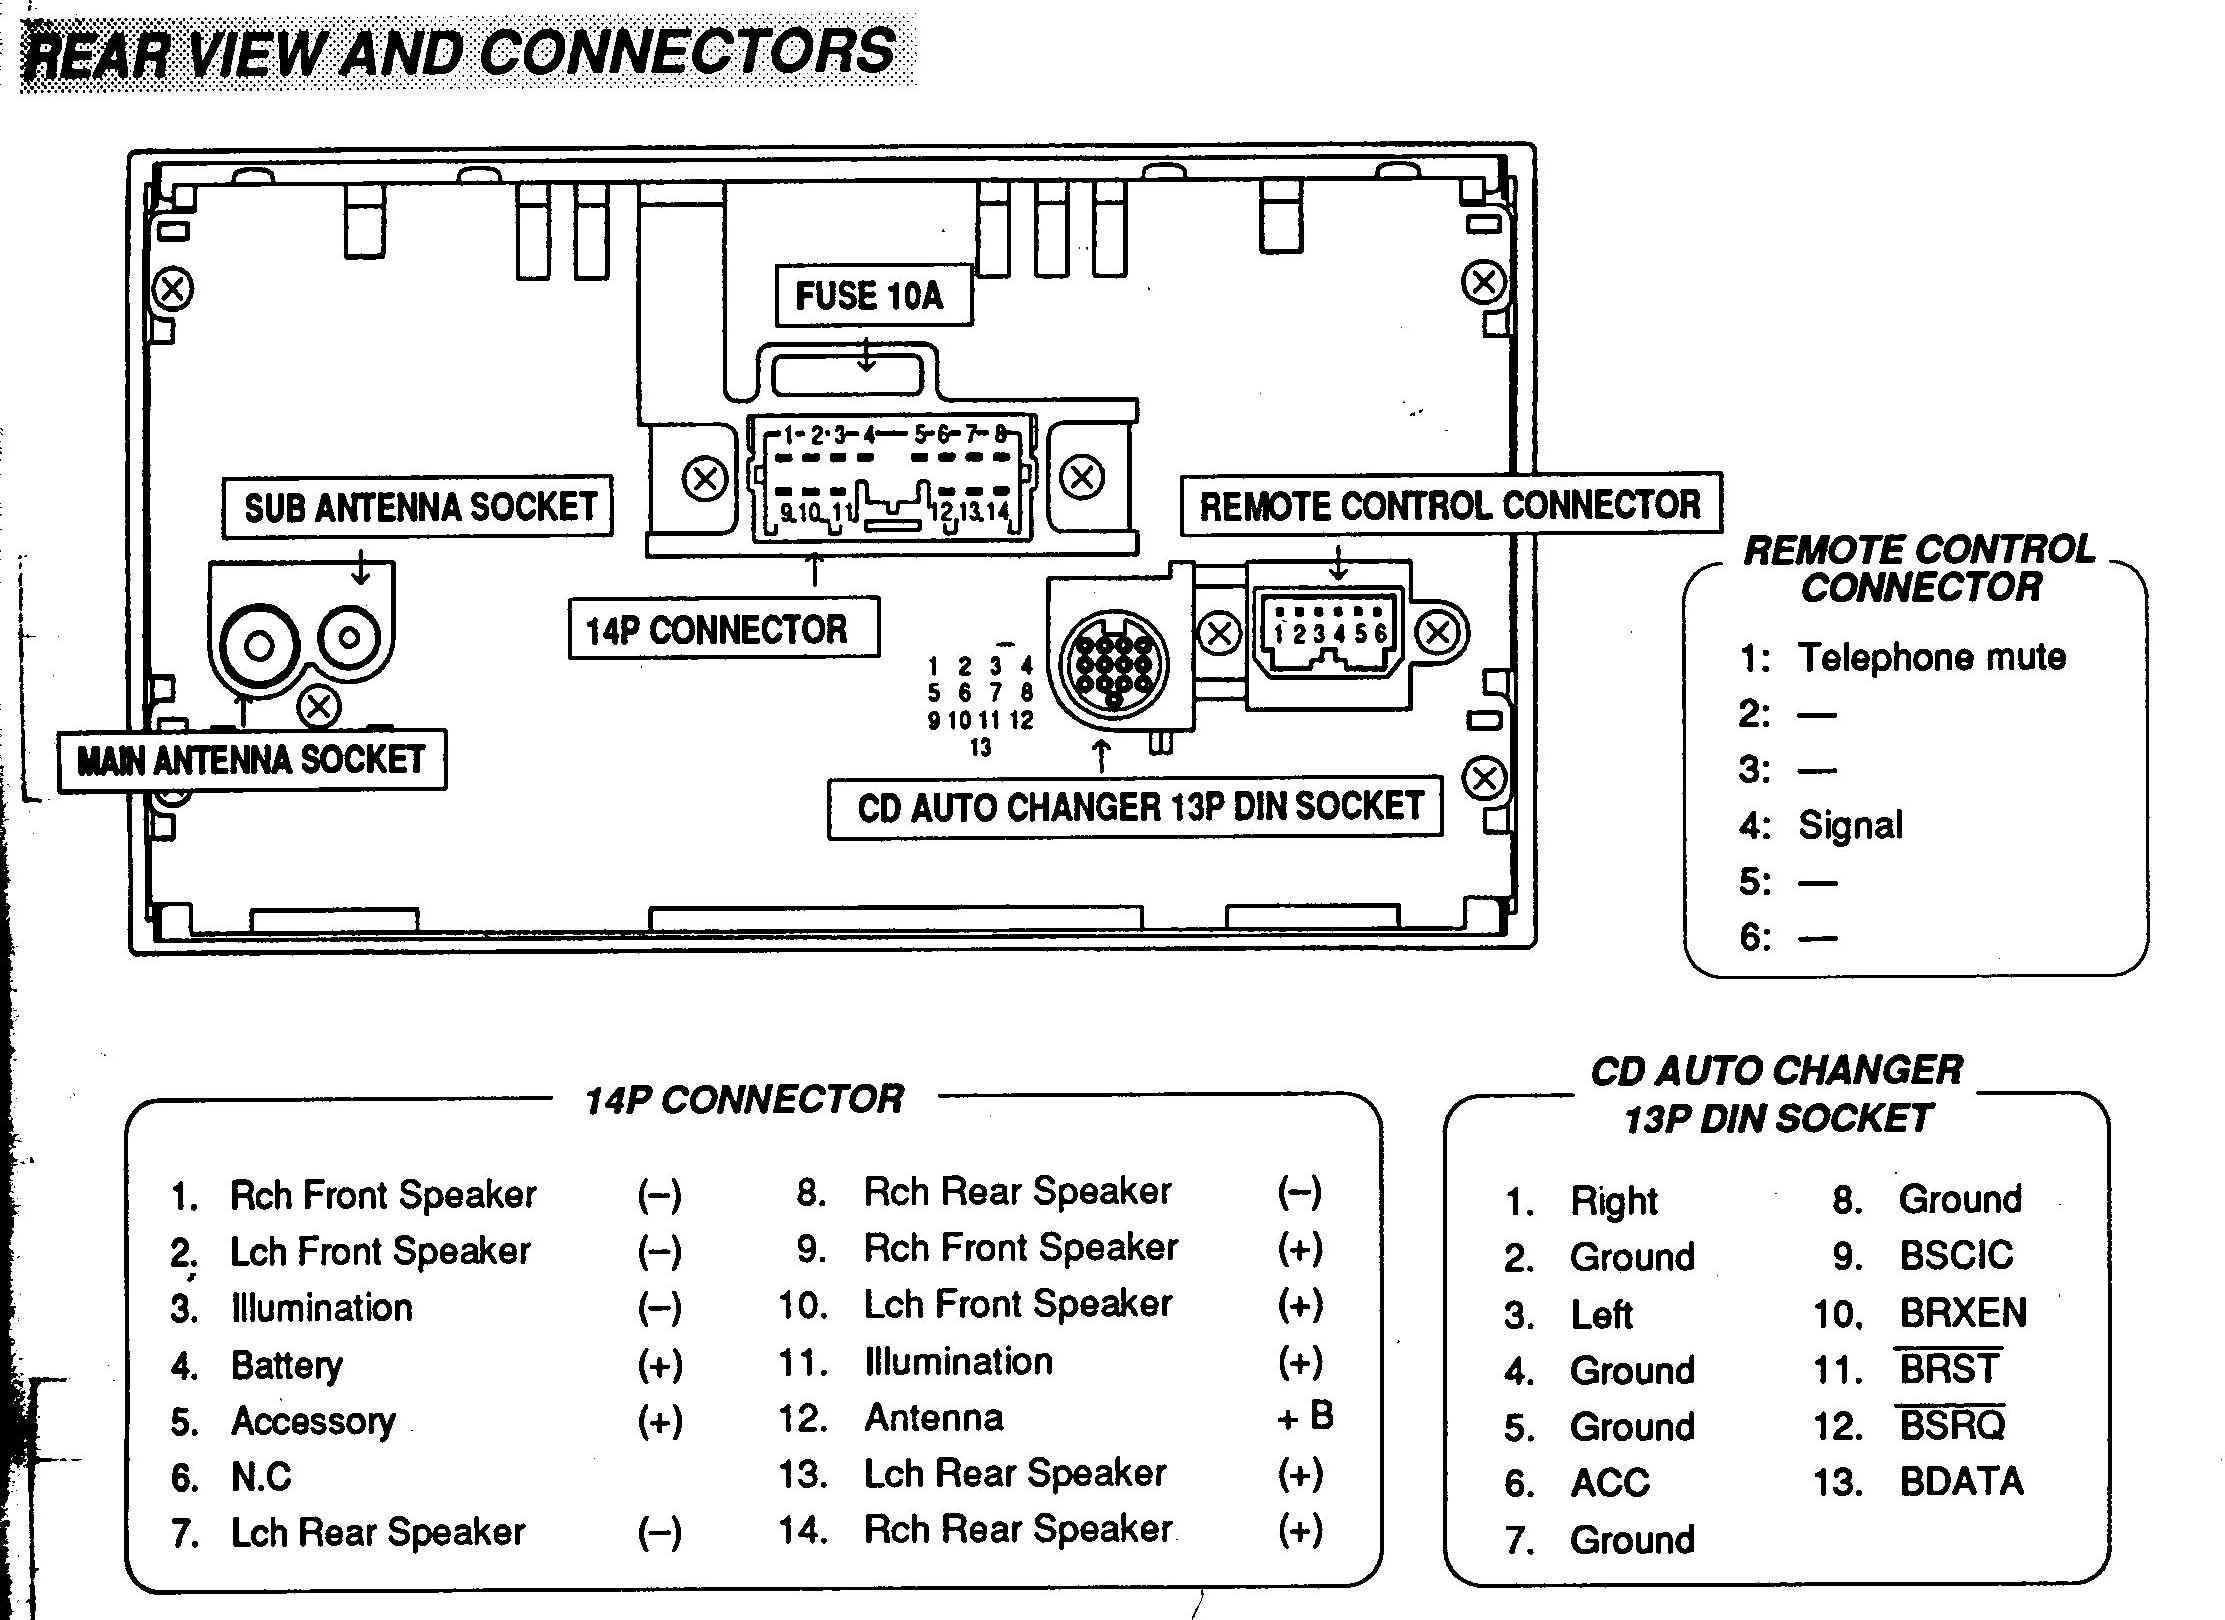 New Mitsubishi Car Wiring Diagram Diagram Diagramtemplate Diagramsample Jetta A2 Montero Sport Electricidad Y Electronica